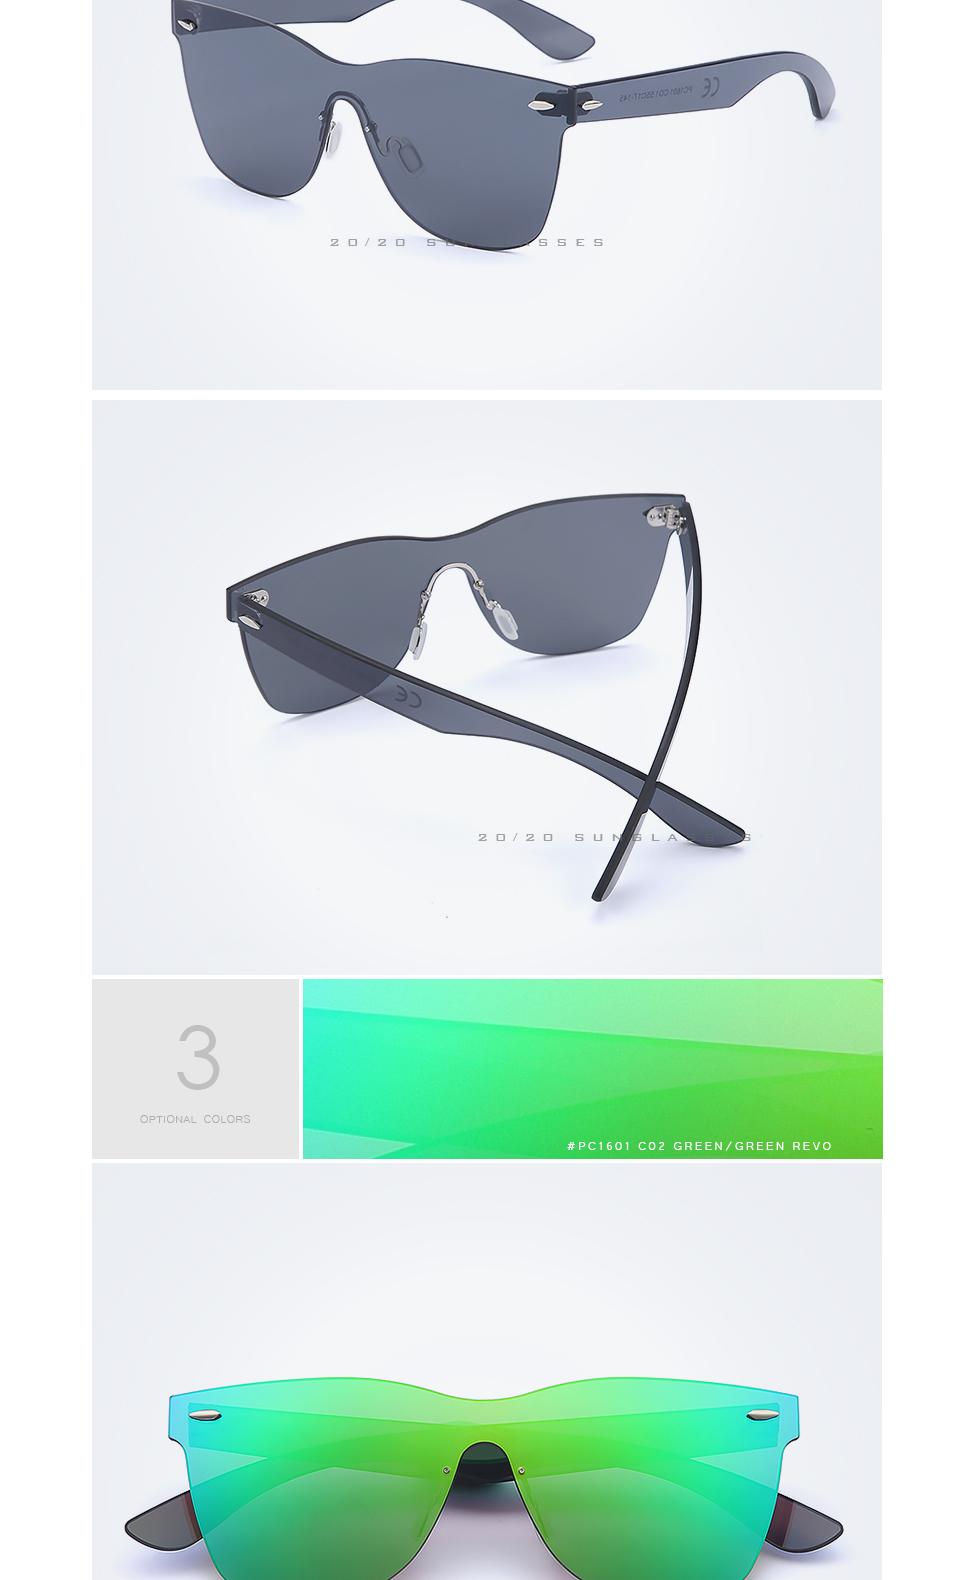 20/20 Marka Vintage Style Bez Oprawek Okularów Przeciwsłonecznych Mężczyzna Soczewka Płaska PC1601 Kwadratowych Rama Kobiety Okulary Óculos Gafas 4